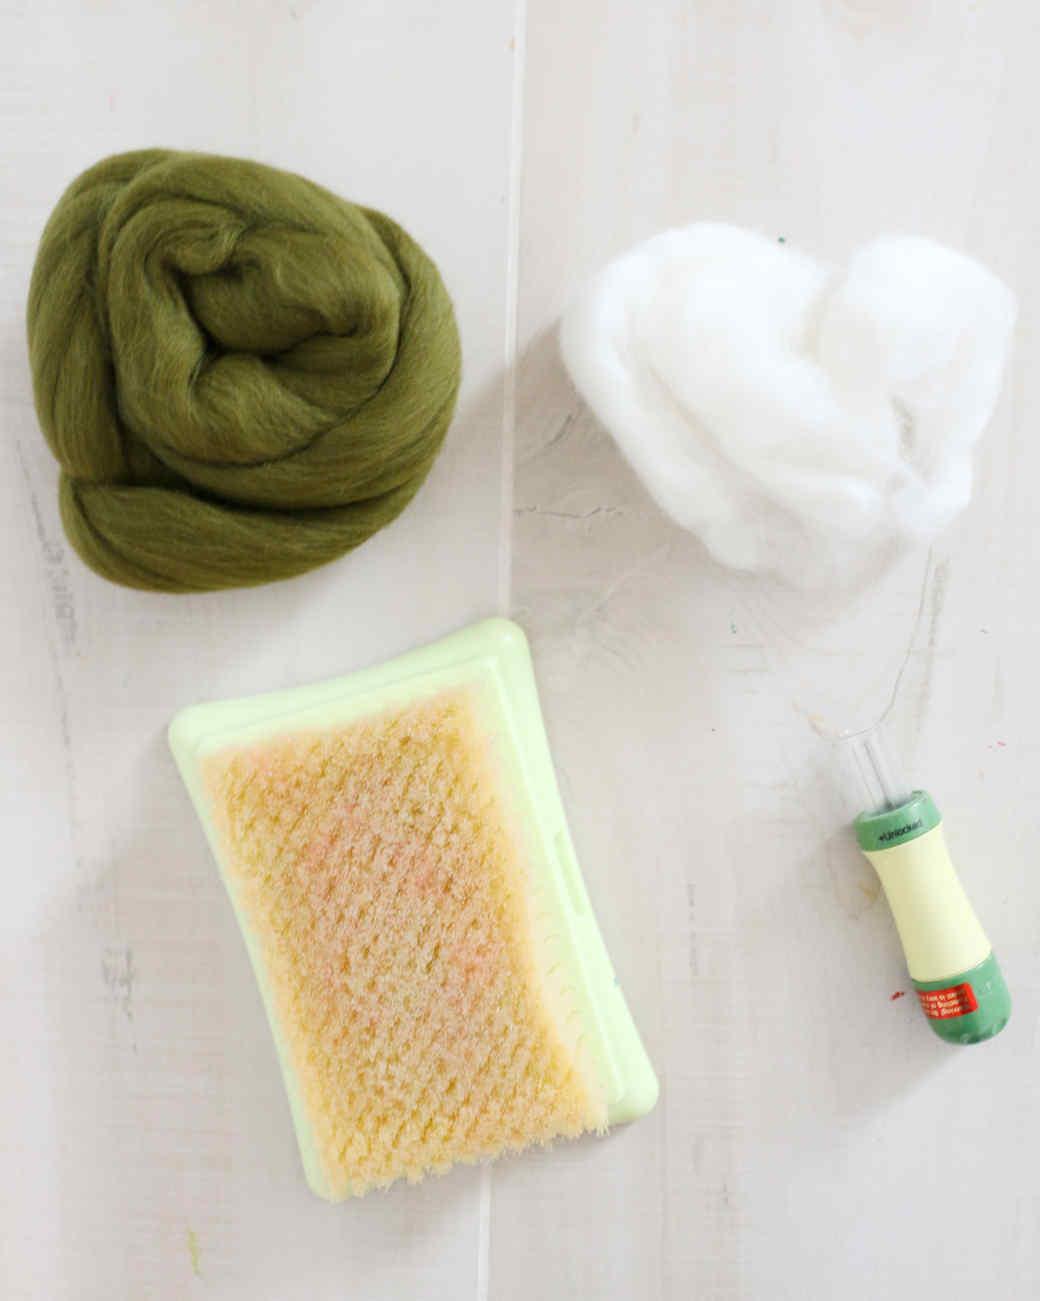 green and white felt, felting needle, and felting mat